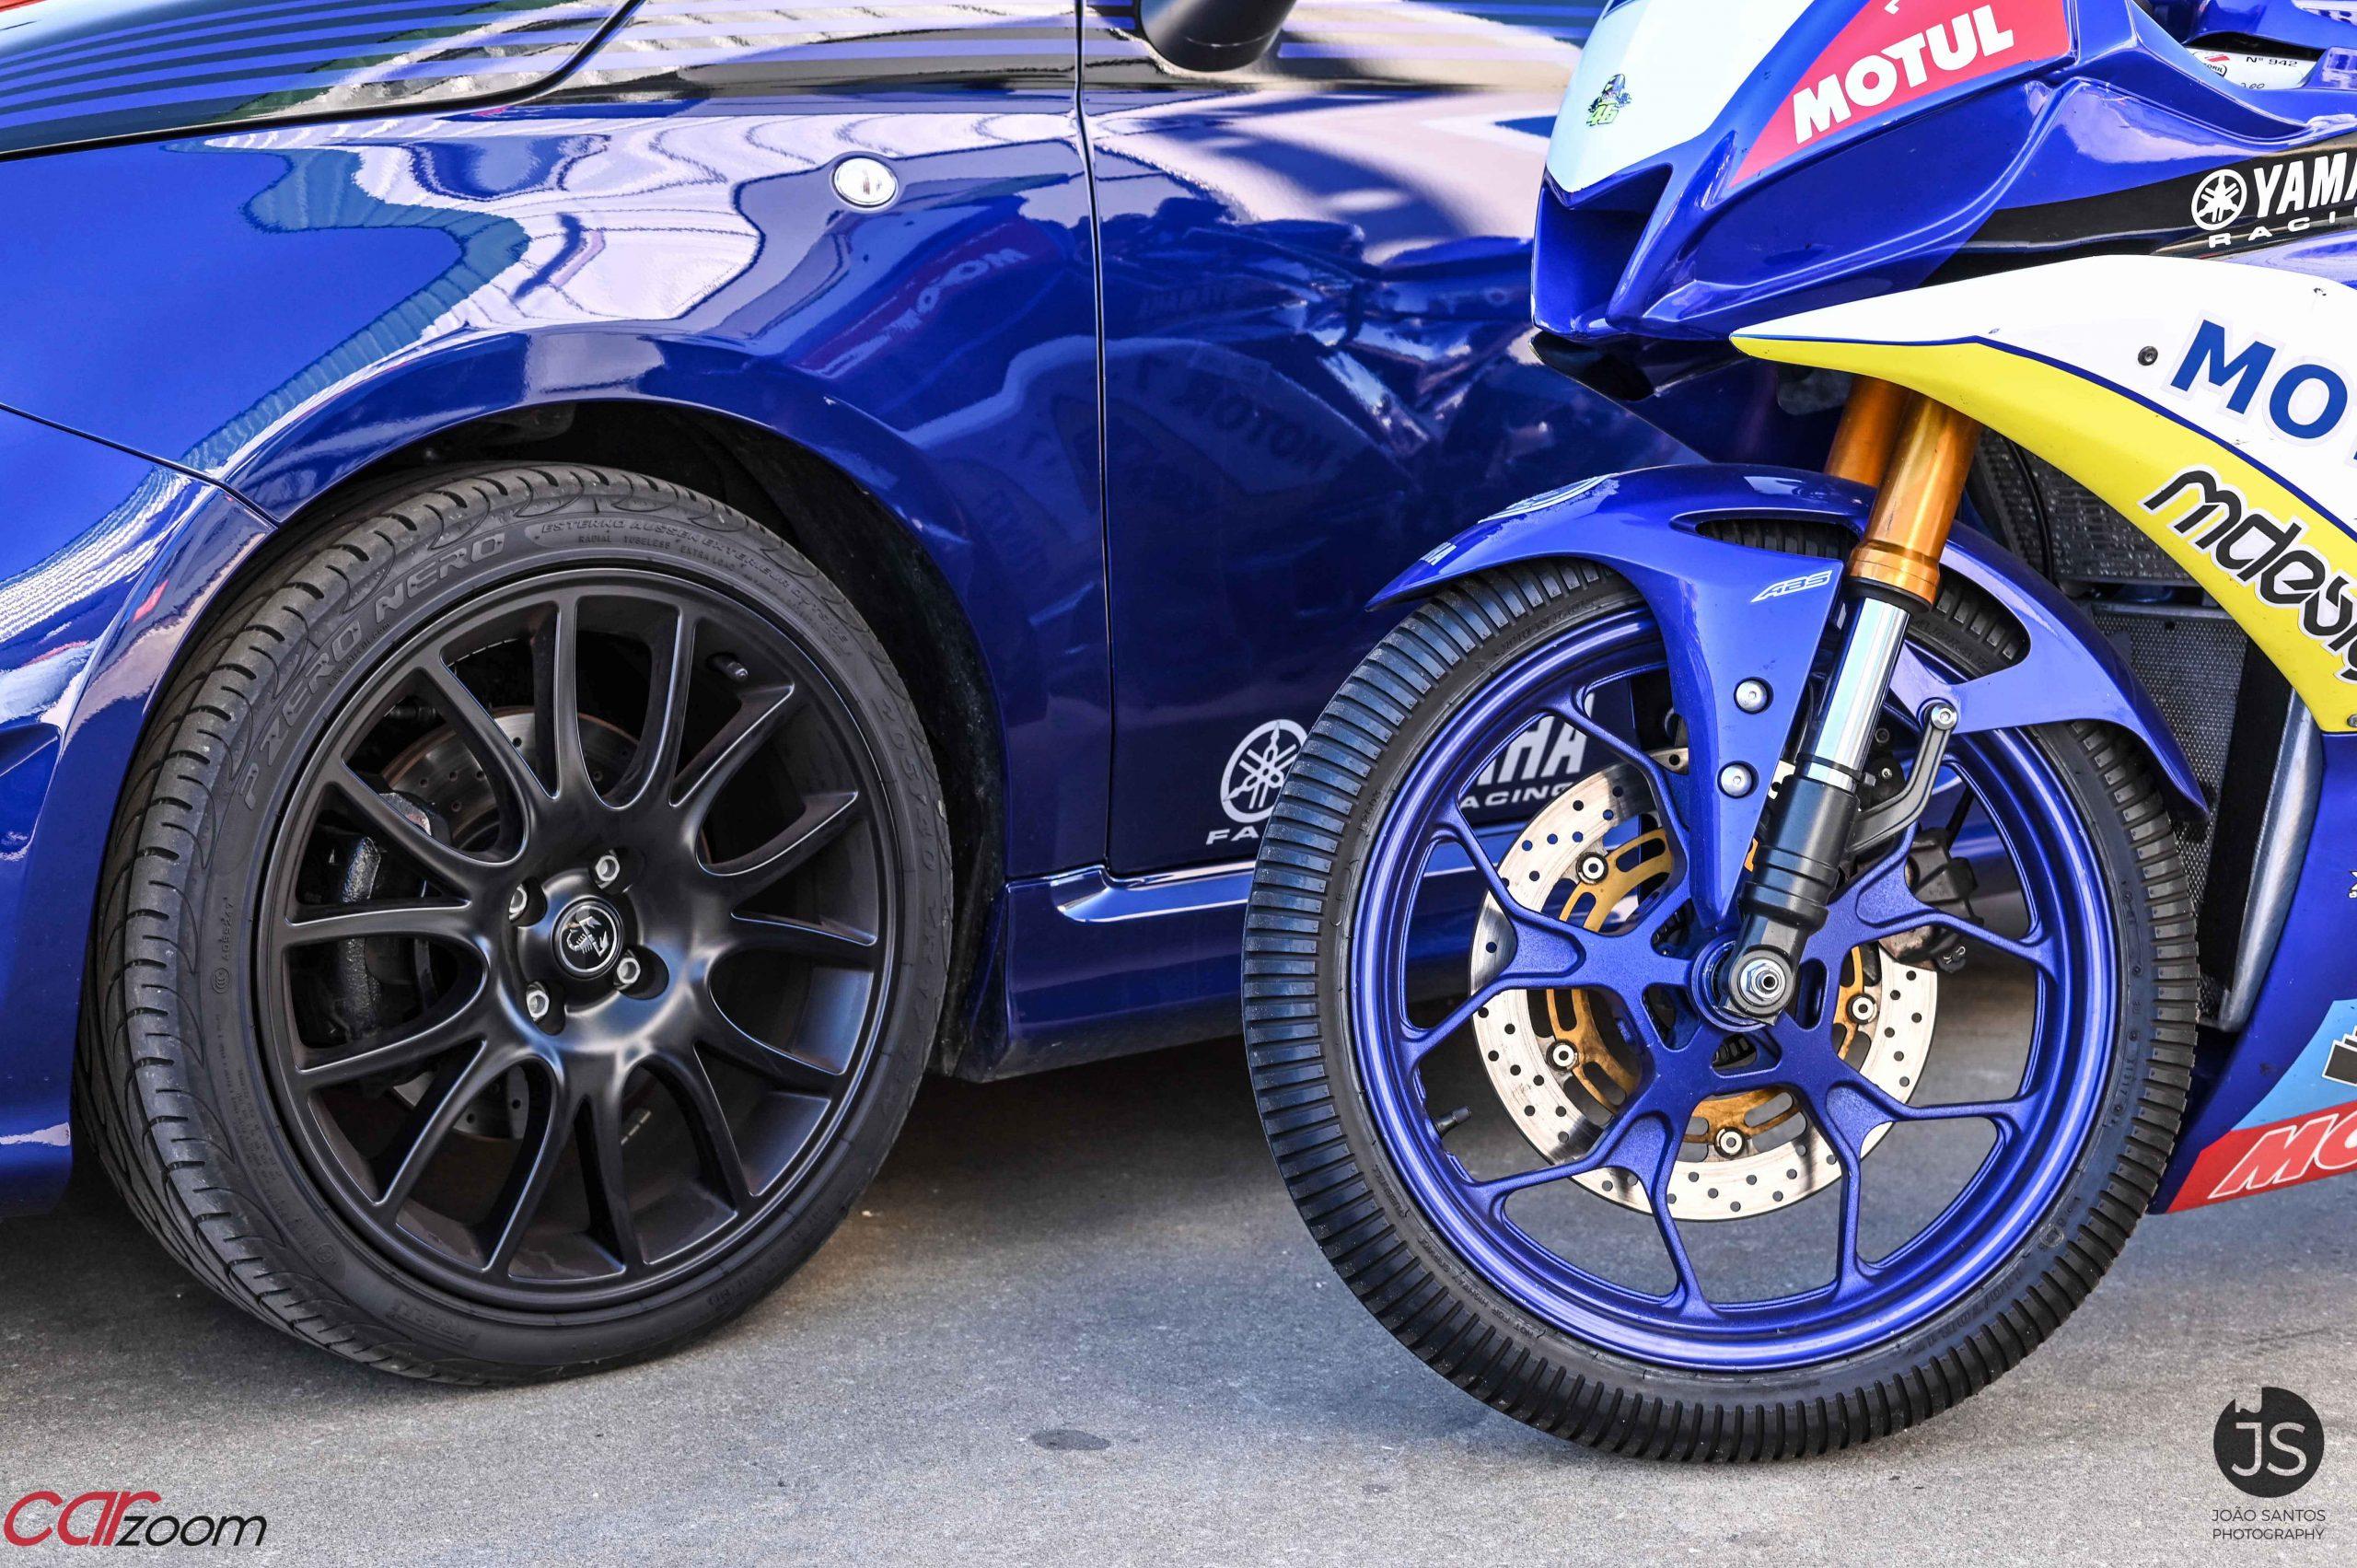 Ensaiámos o Abarth 595 Yamaha com a ajuda da Madalena Simões piloto da Yamaha Motor 7! 26